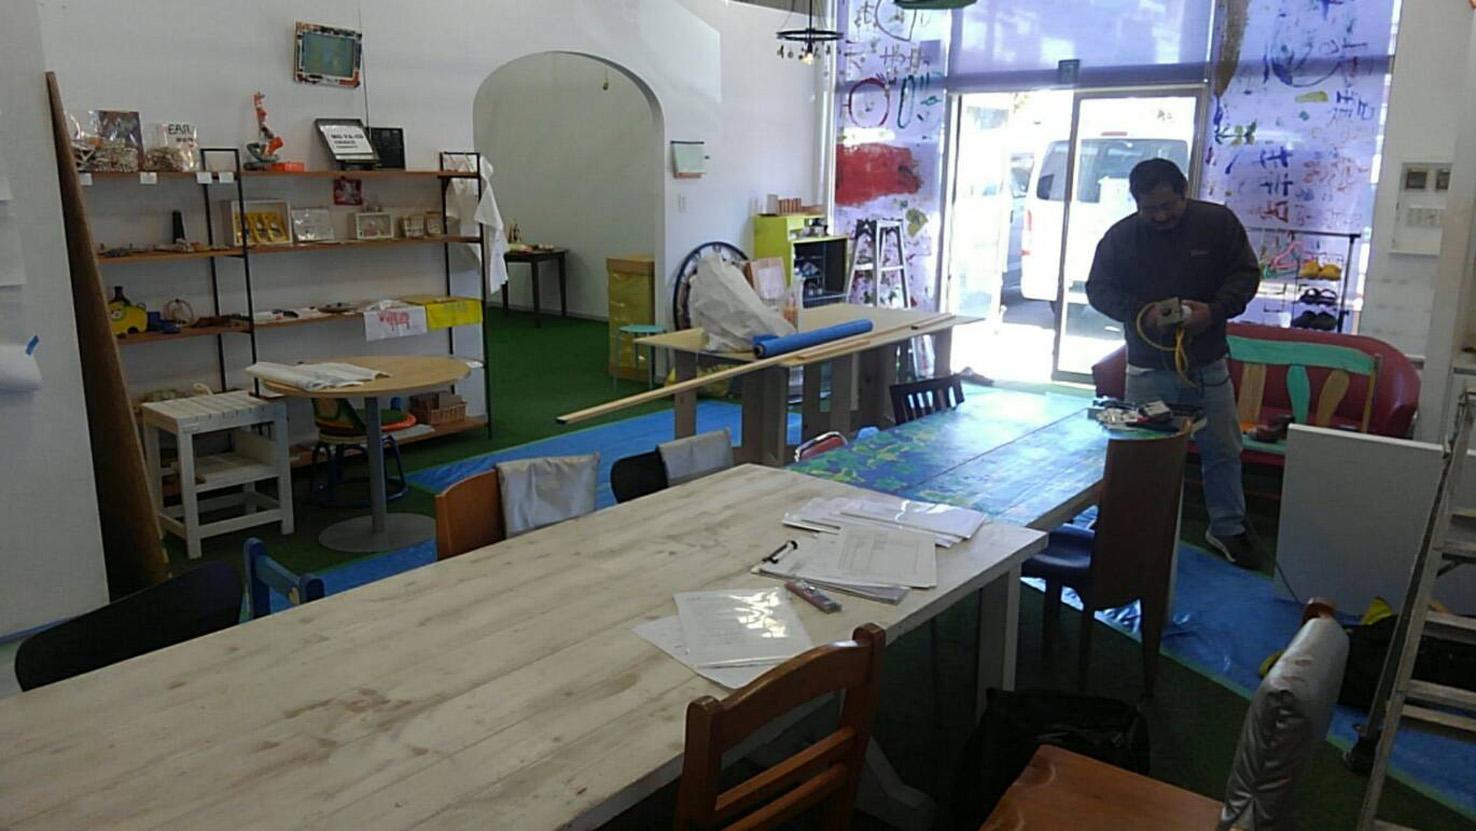 店舗デザイン インテリアデザイン shopdesign 名古屋 アトリエブルート